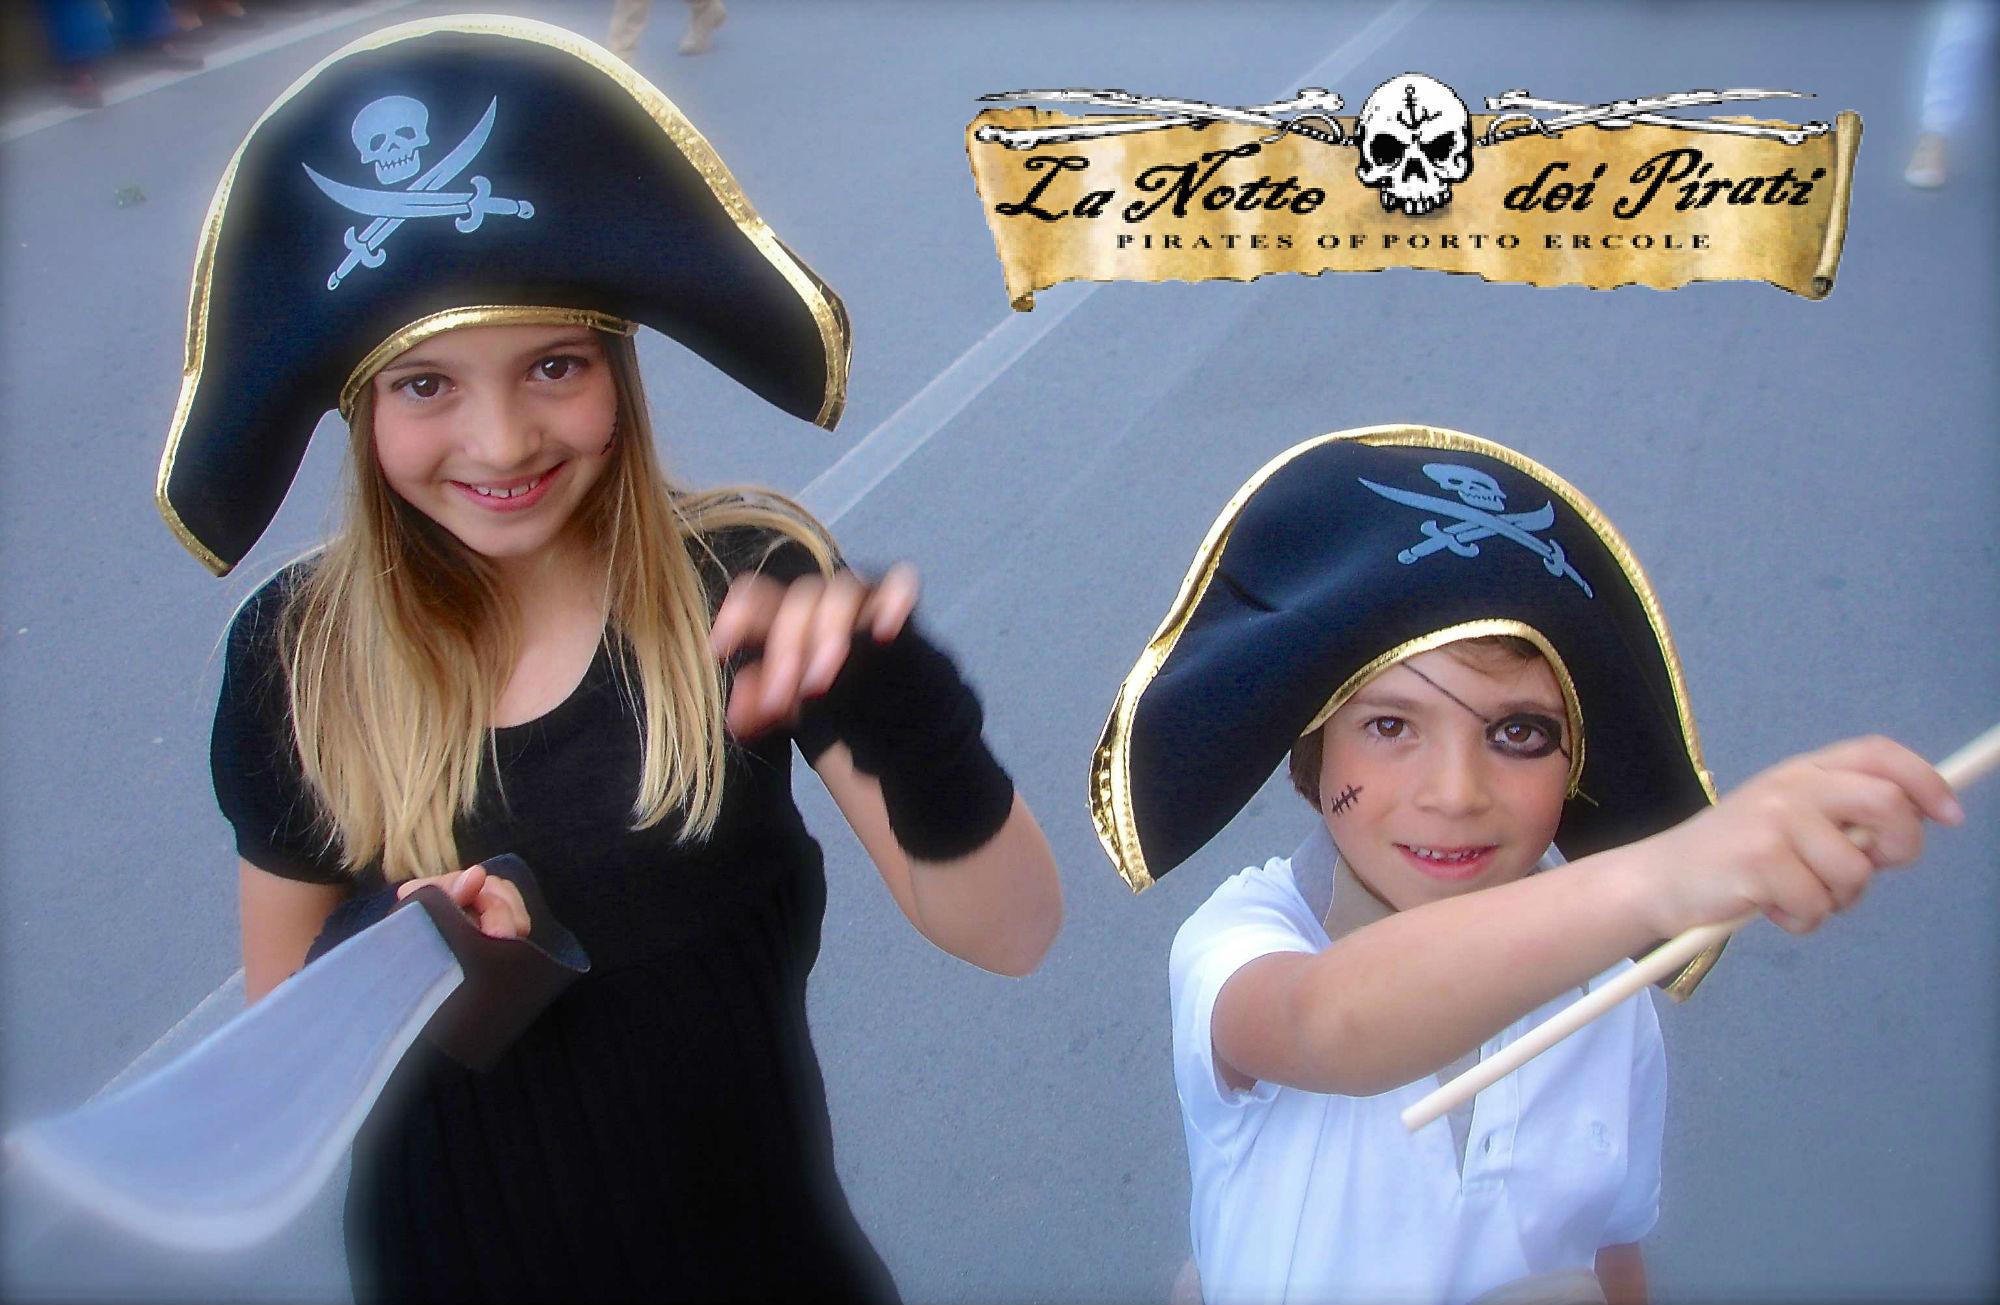 Ale e Viky - Festa del Pirati a Porto Ercole 2013 3